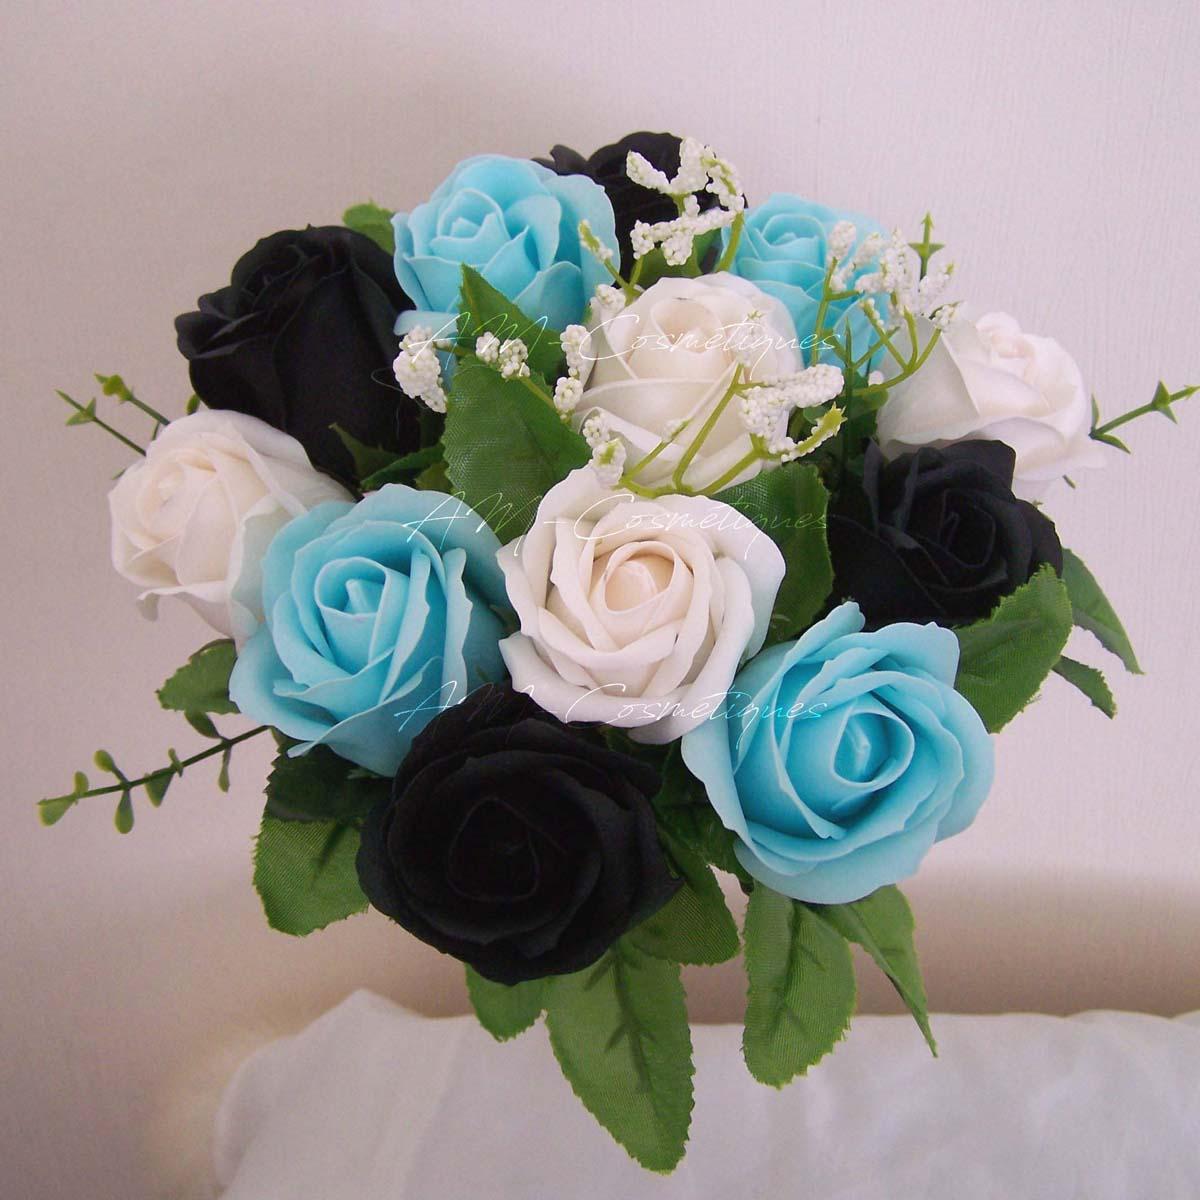 Bouquet_de_Savons_AM-Cosmetiques_Noir_et_bleu.jpg